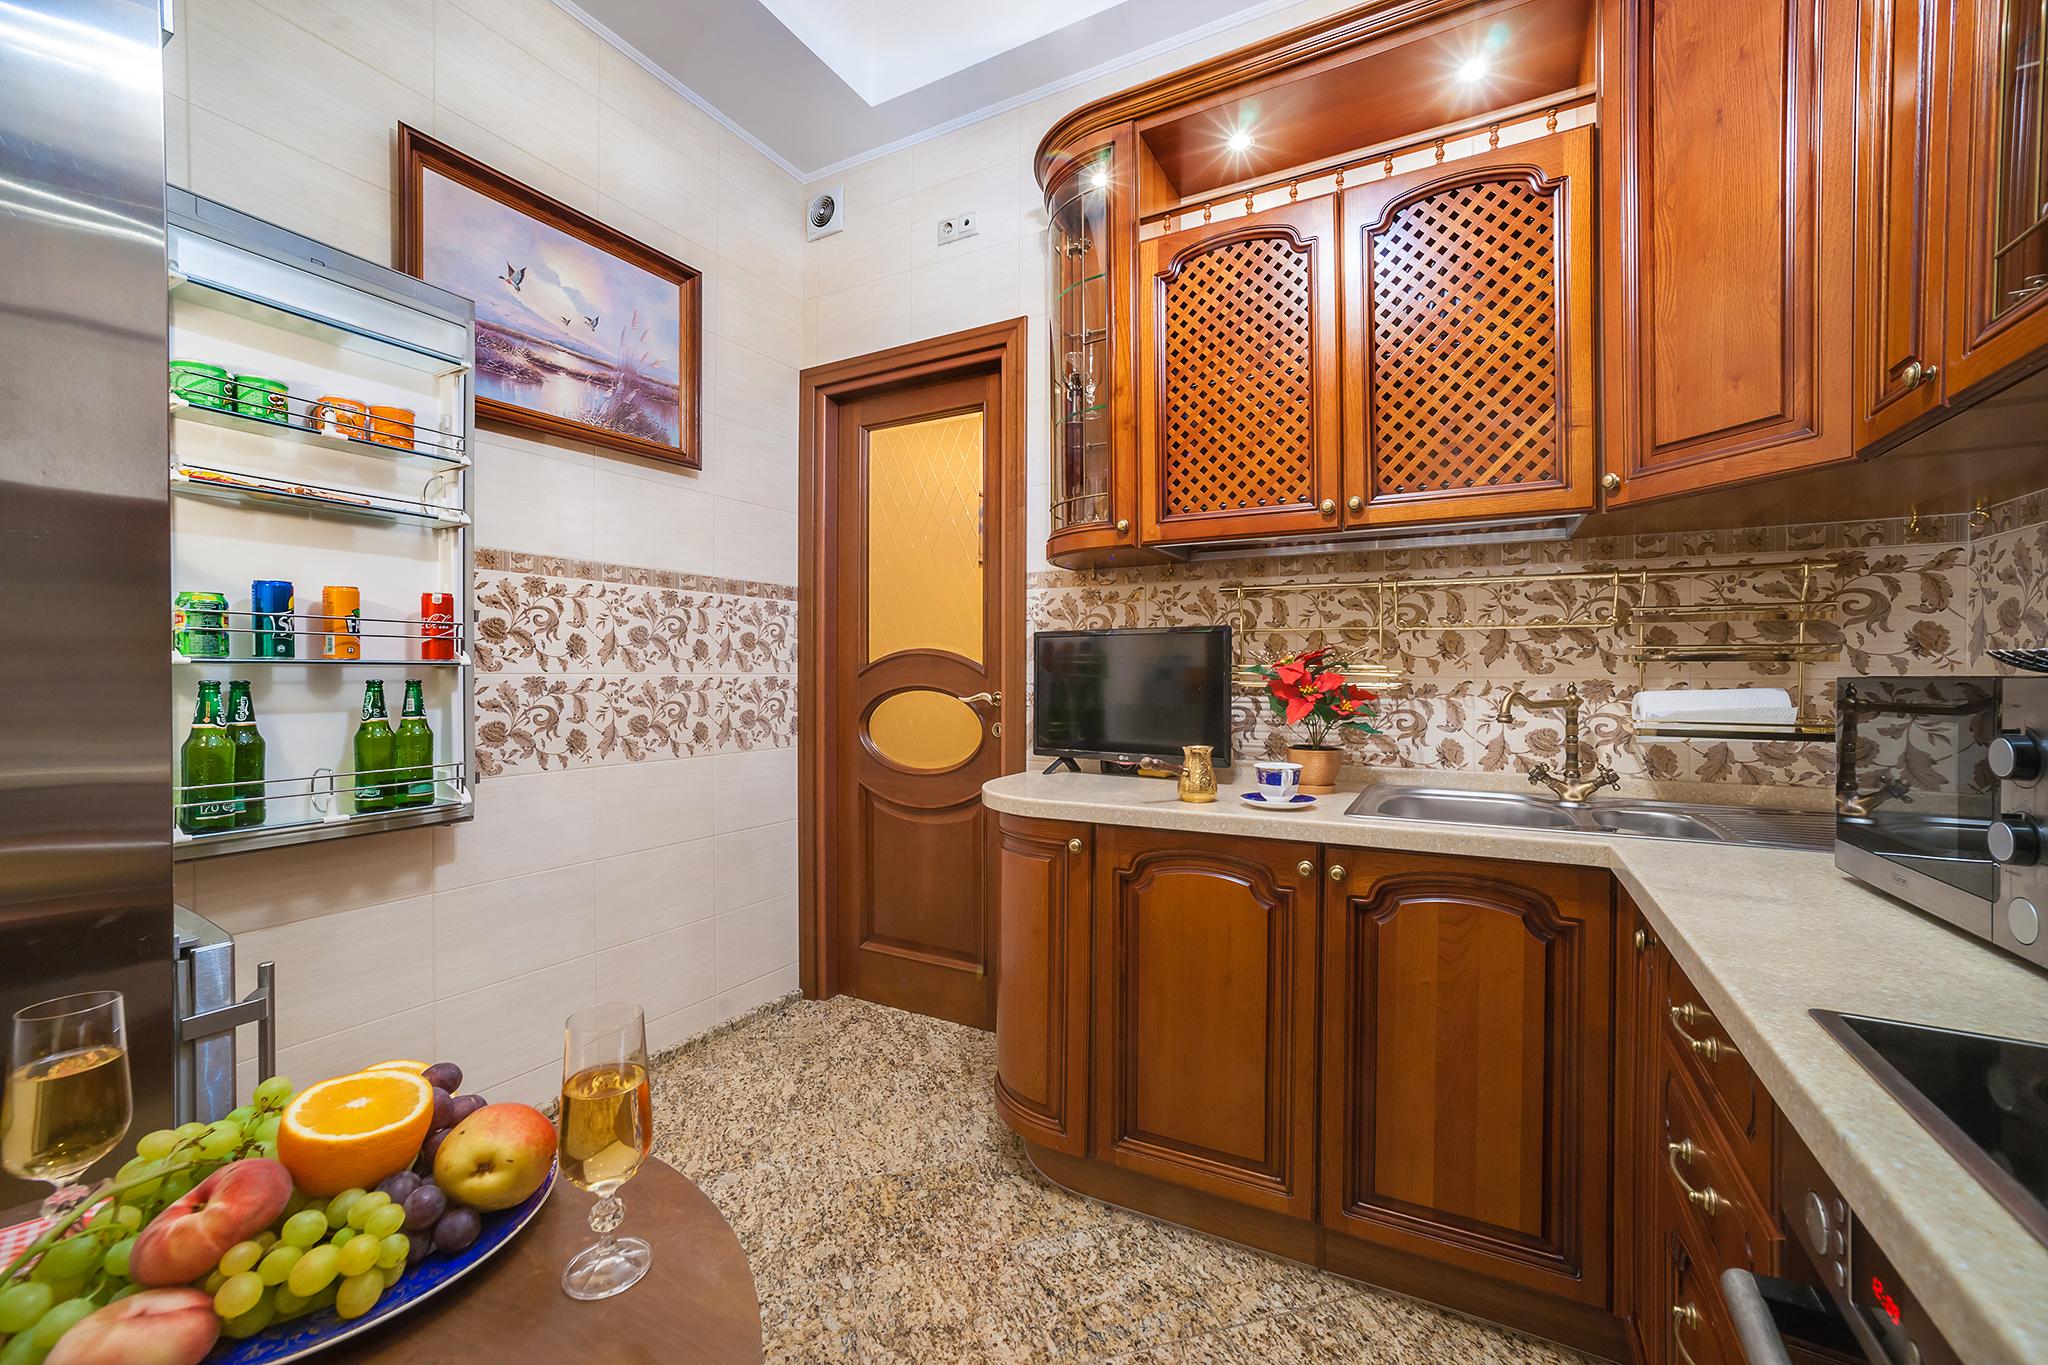 фотосъемка в тесной кухне. работа фотографа Кирилла. Москва